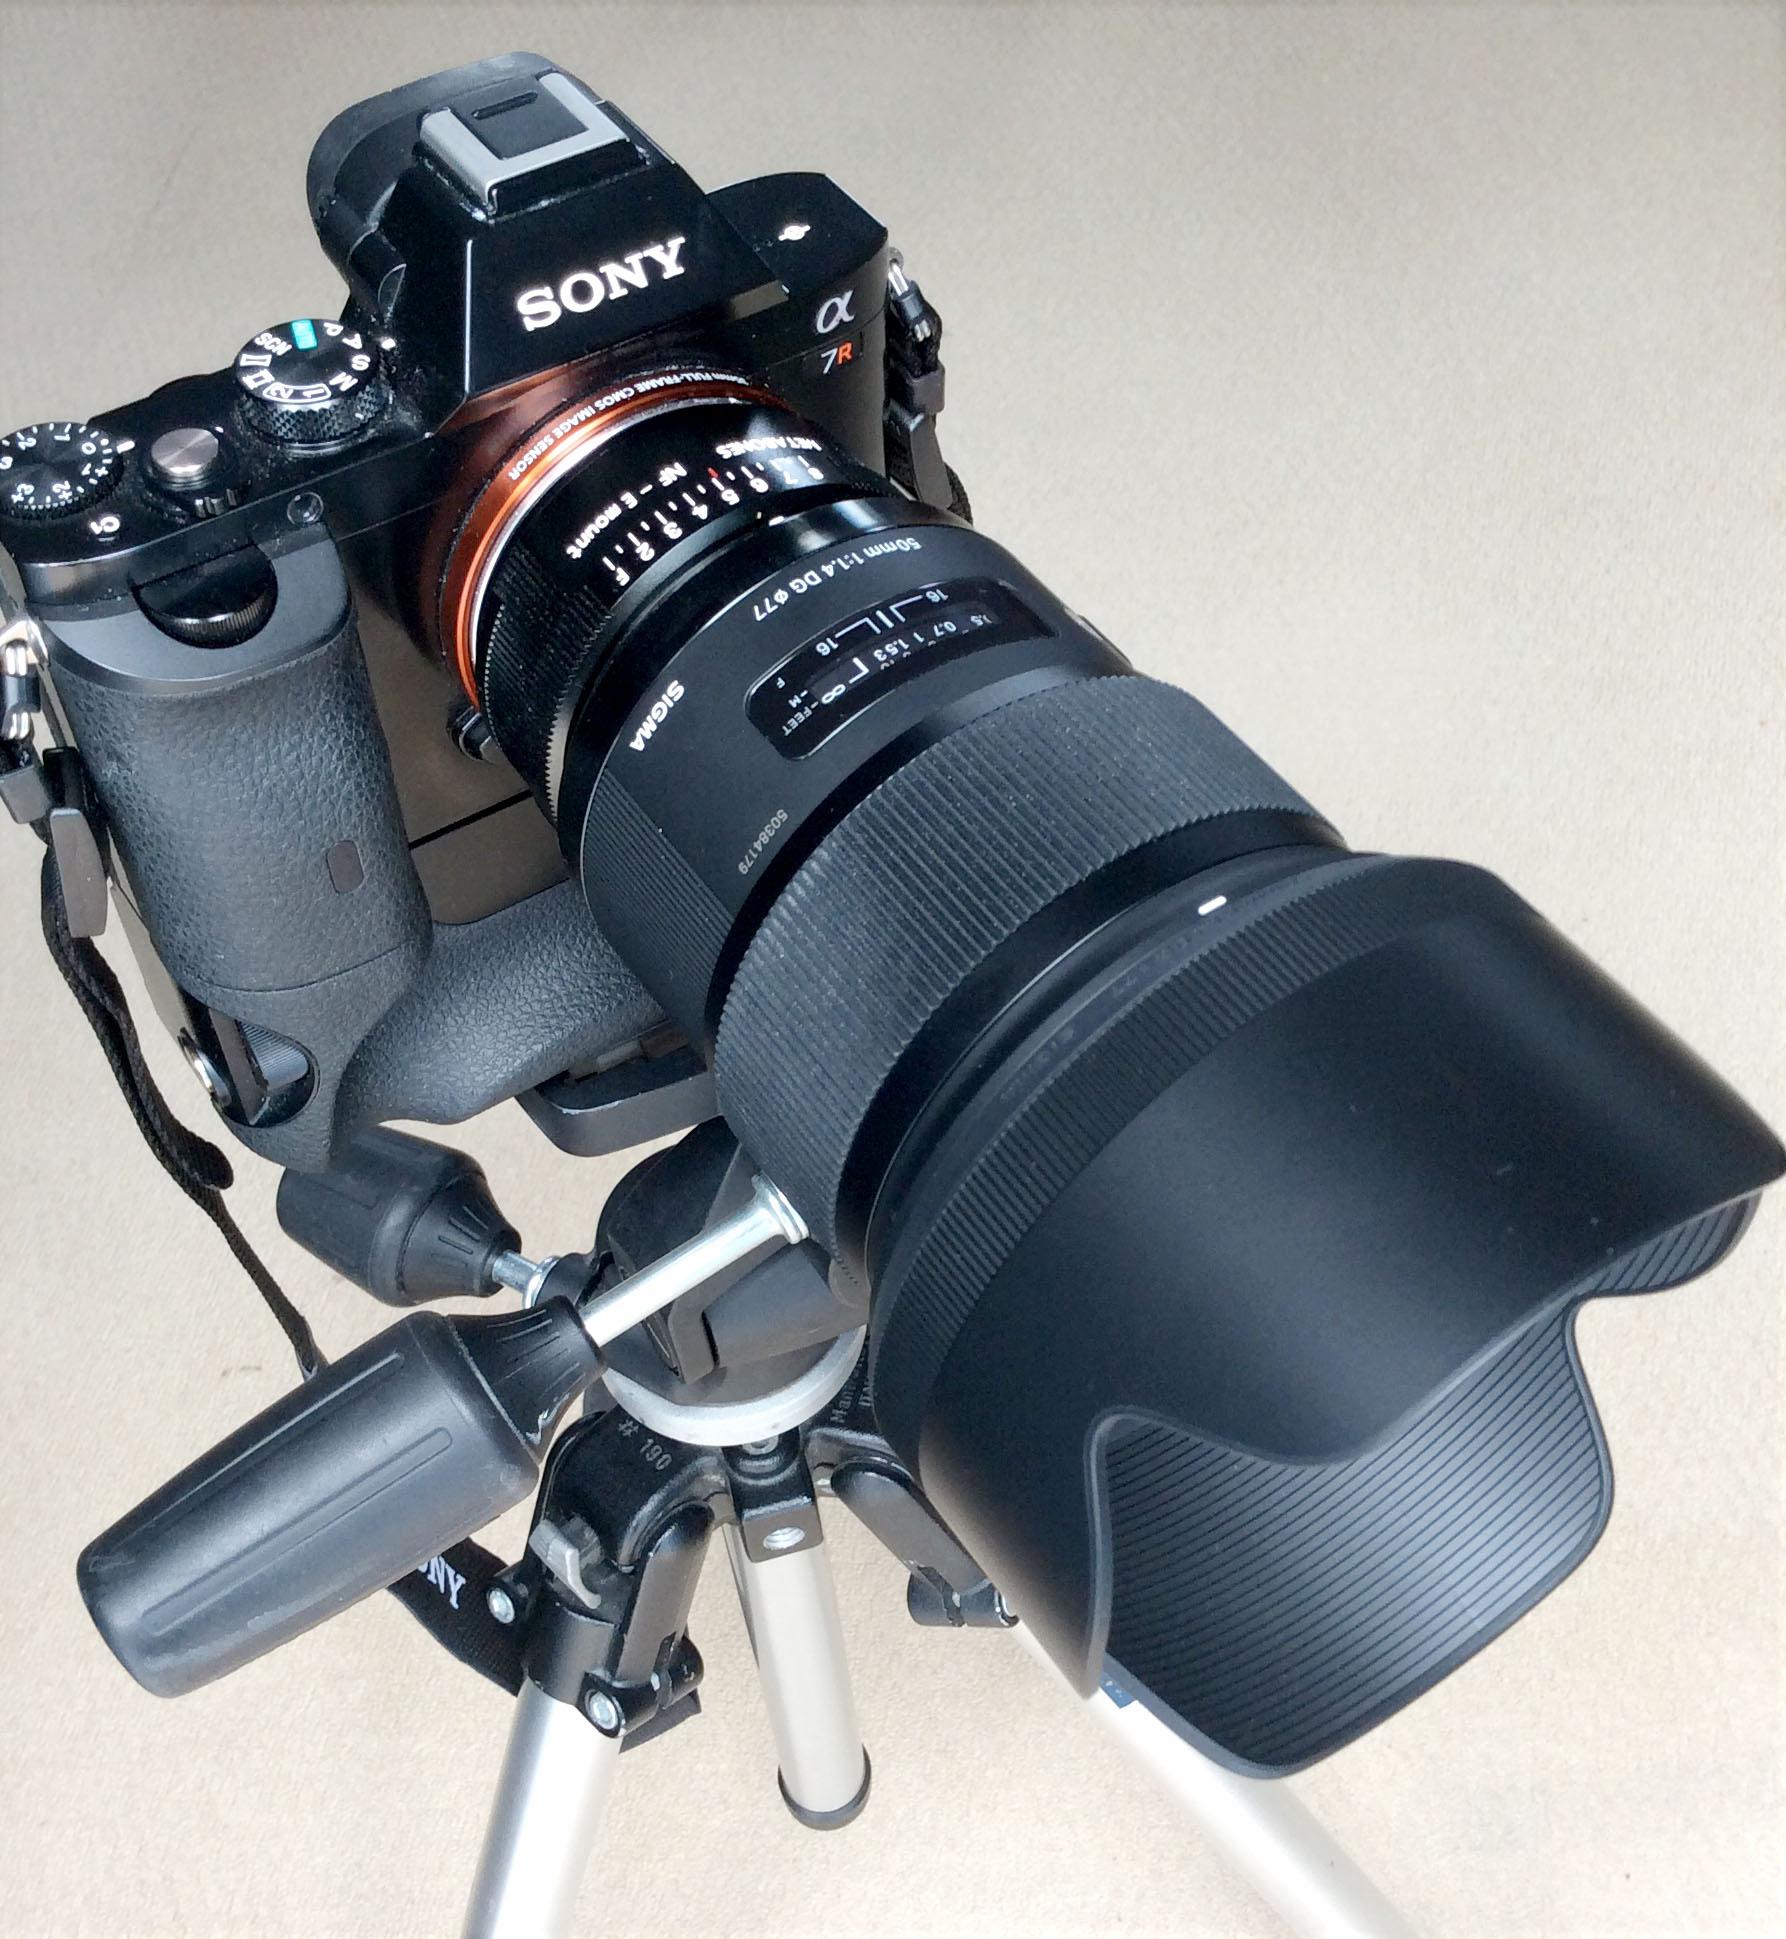 Sony A7r Sigma 50mm f/1.4 ART lens